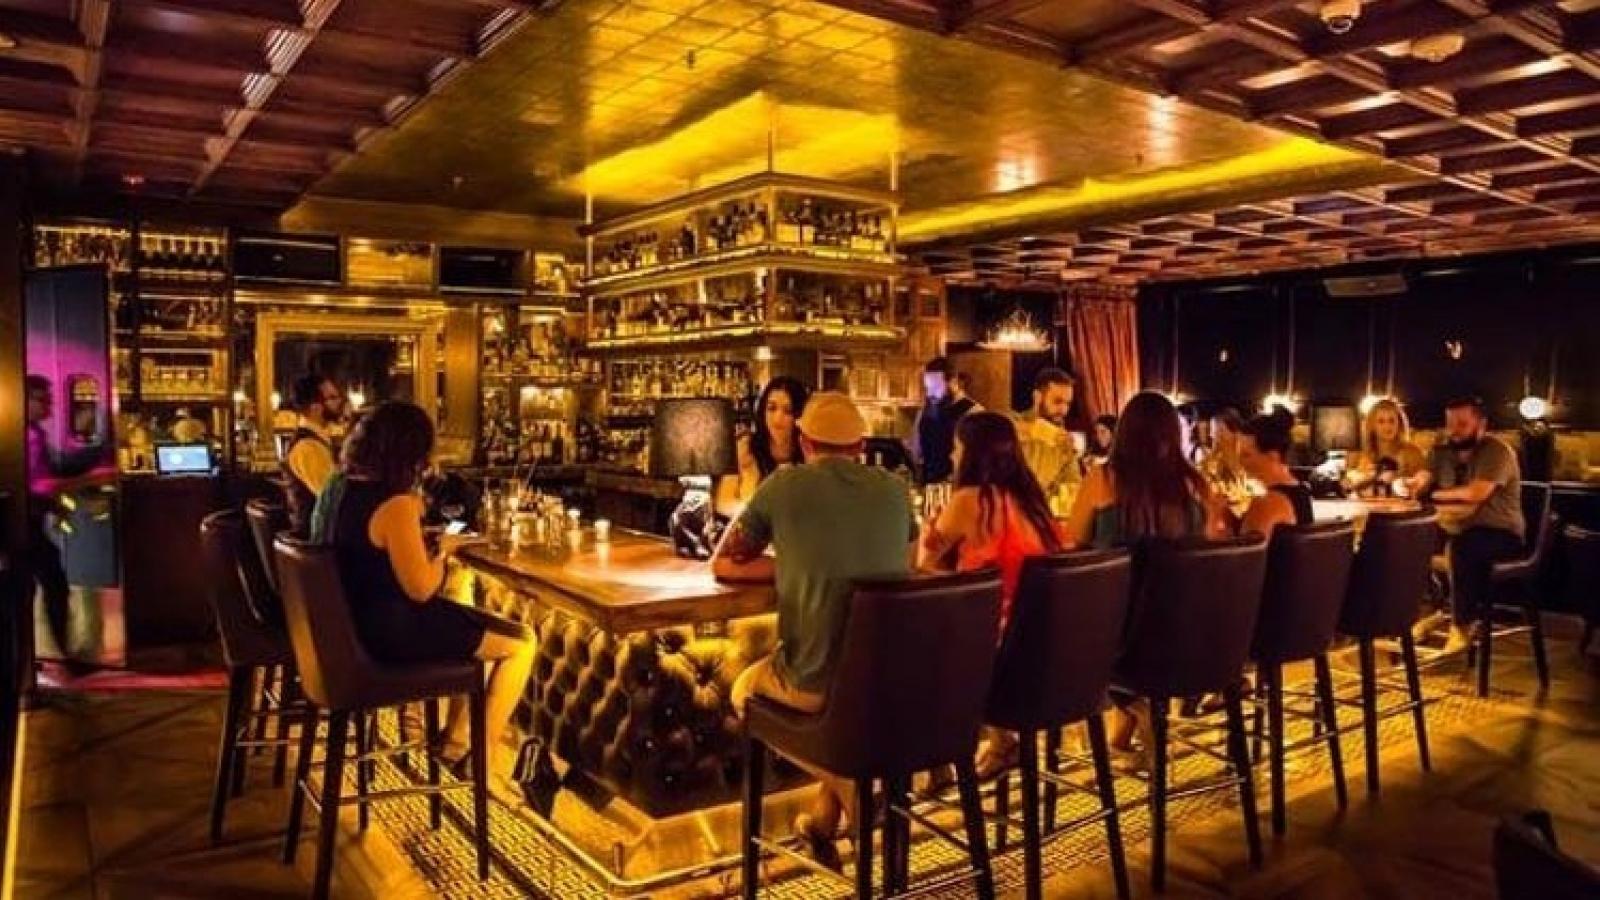 TP HCM cho phép mở lại các hoạt động kinh doanh, trừ vũ trường, karaoke, quán bar